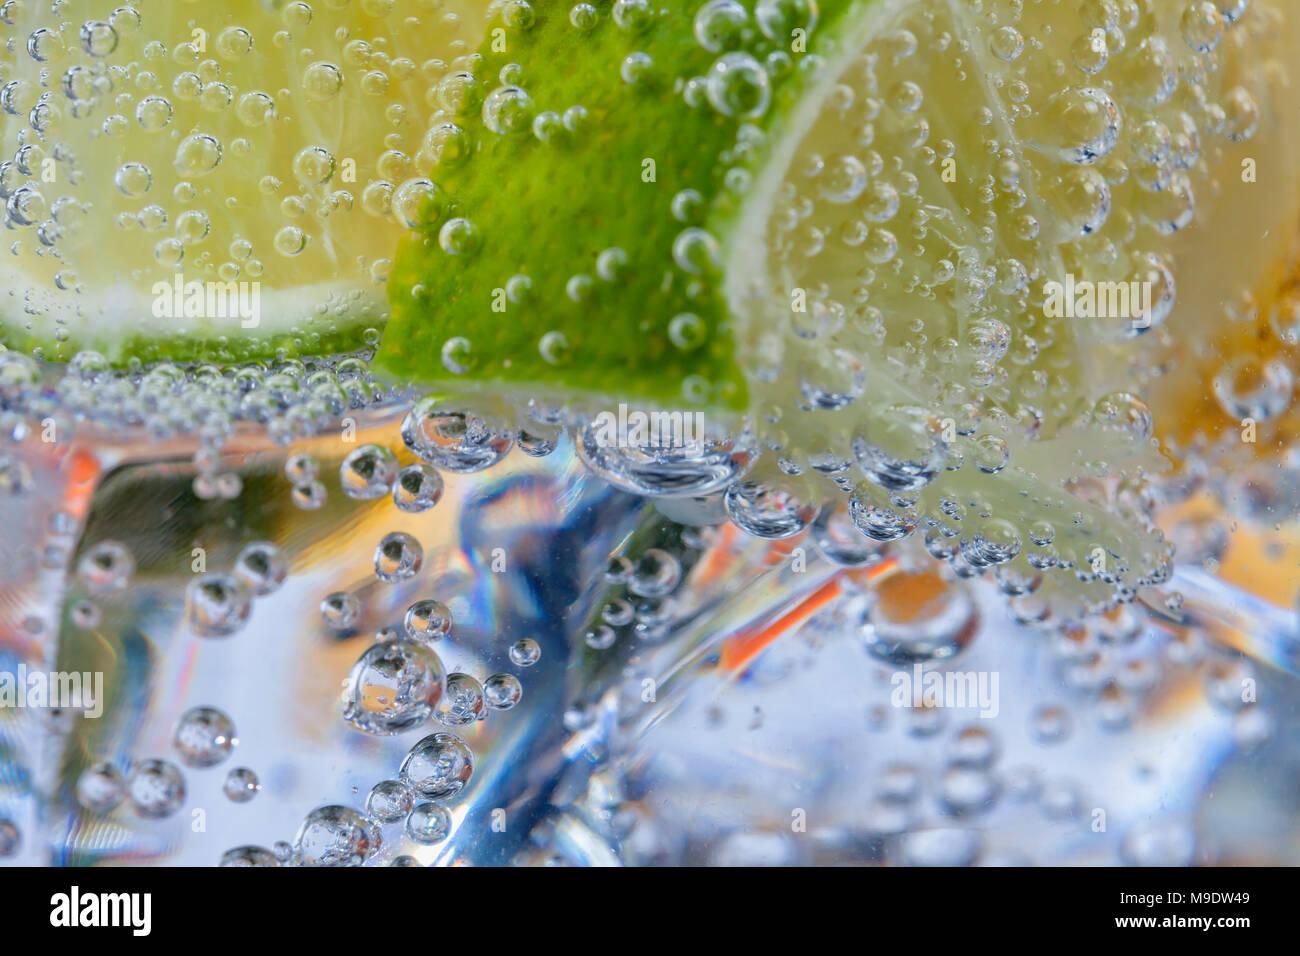 Cócteles caseros con cítricos en un vaso con bebida transparente ices y burbujas. Foto de stock